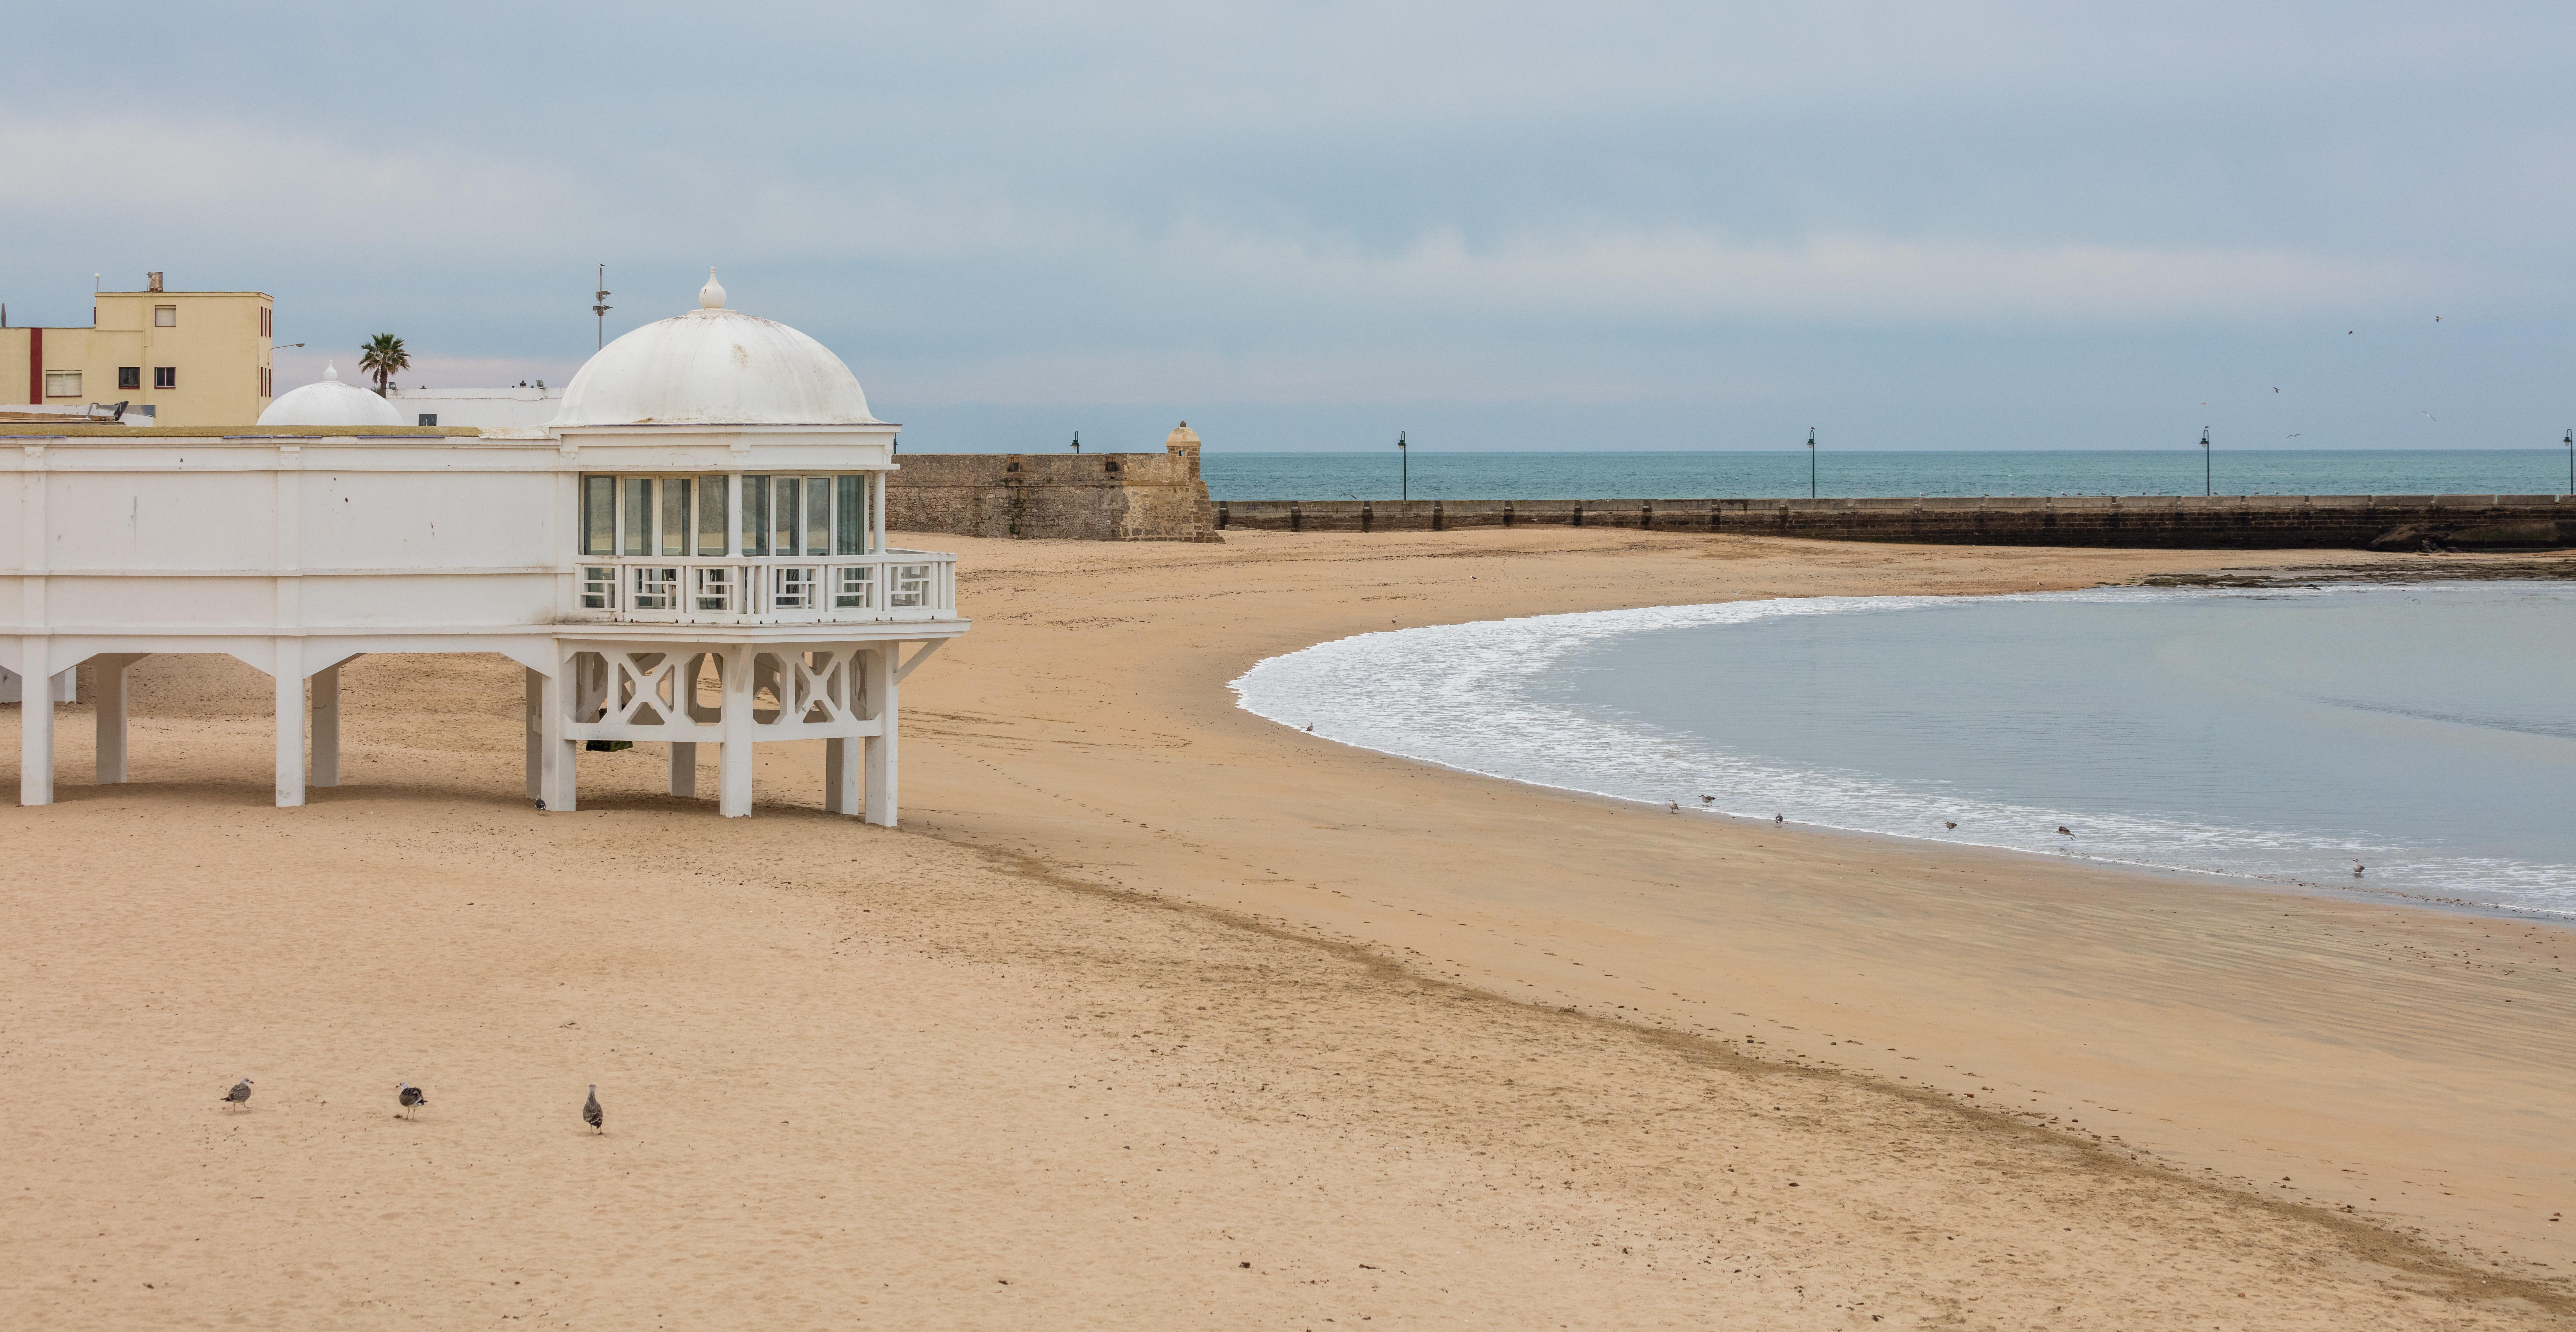 Archivo:Playa de la Caleta, Cádiz, España, 2015-12-08, DD ...